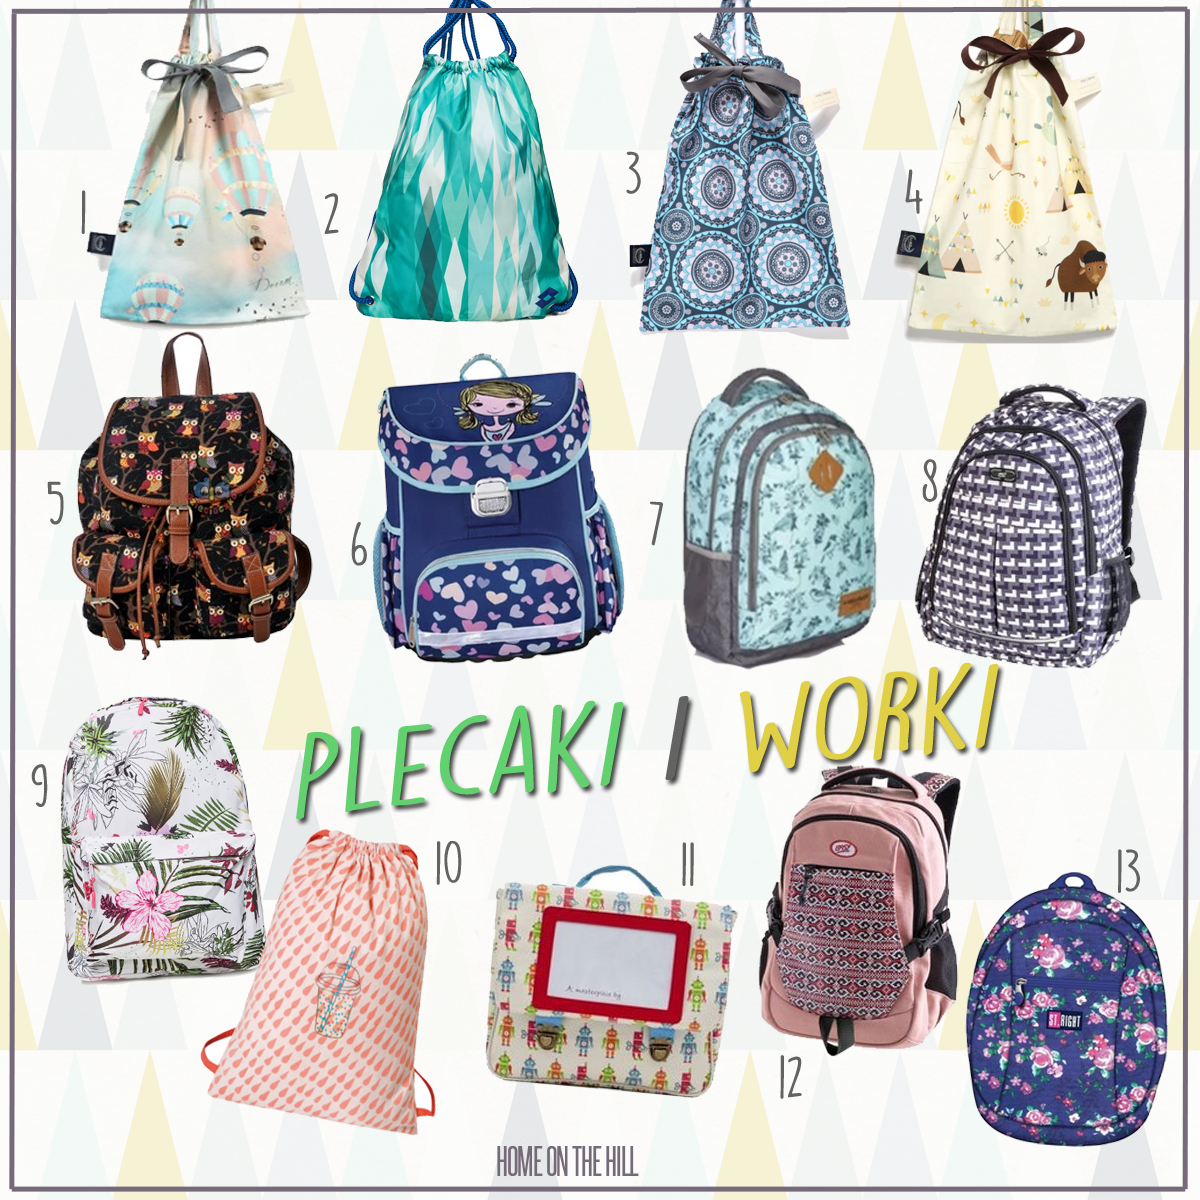 najpiękniejsze plecaki do szkoły